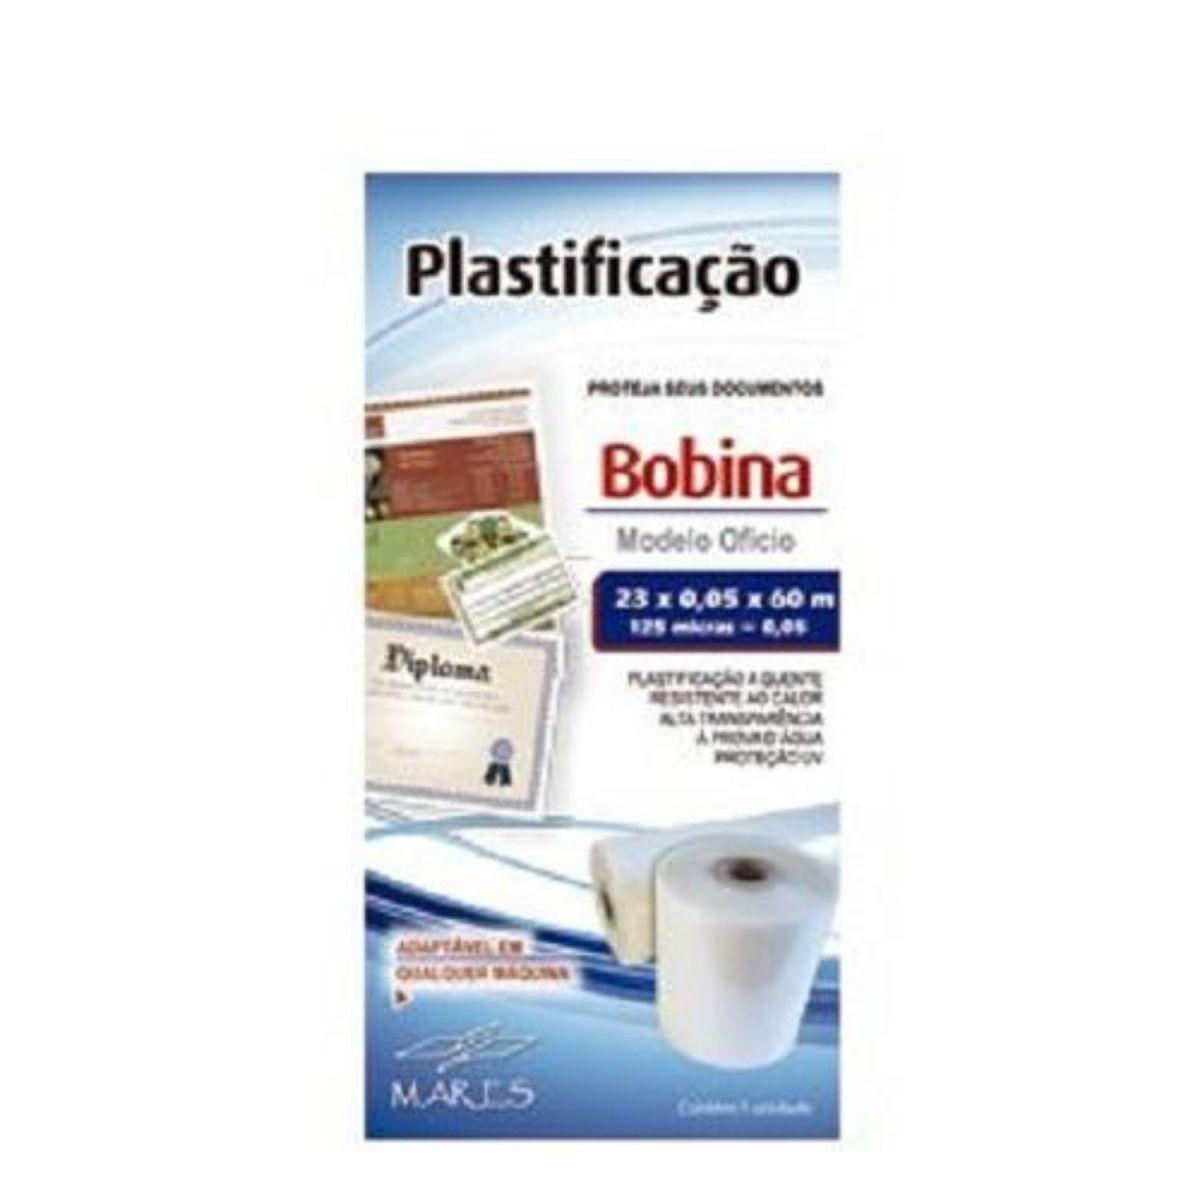 Bobina para Plastificação Oficio 23cm x 60M x 0,05mm (125 micras)  - Click Suprimentos